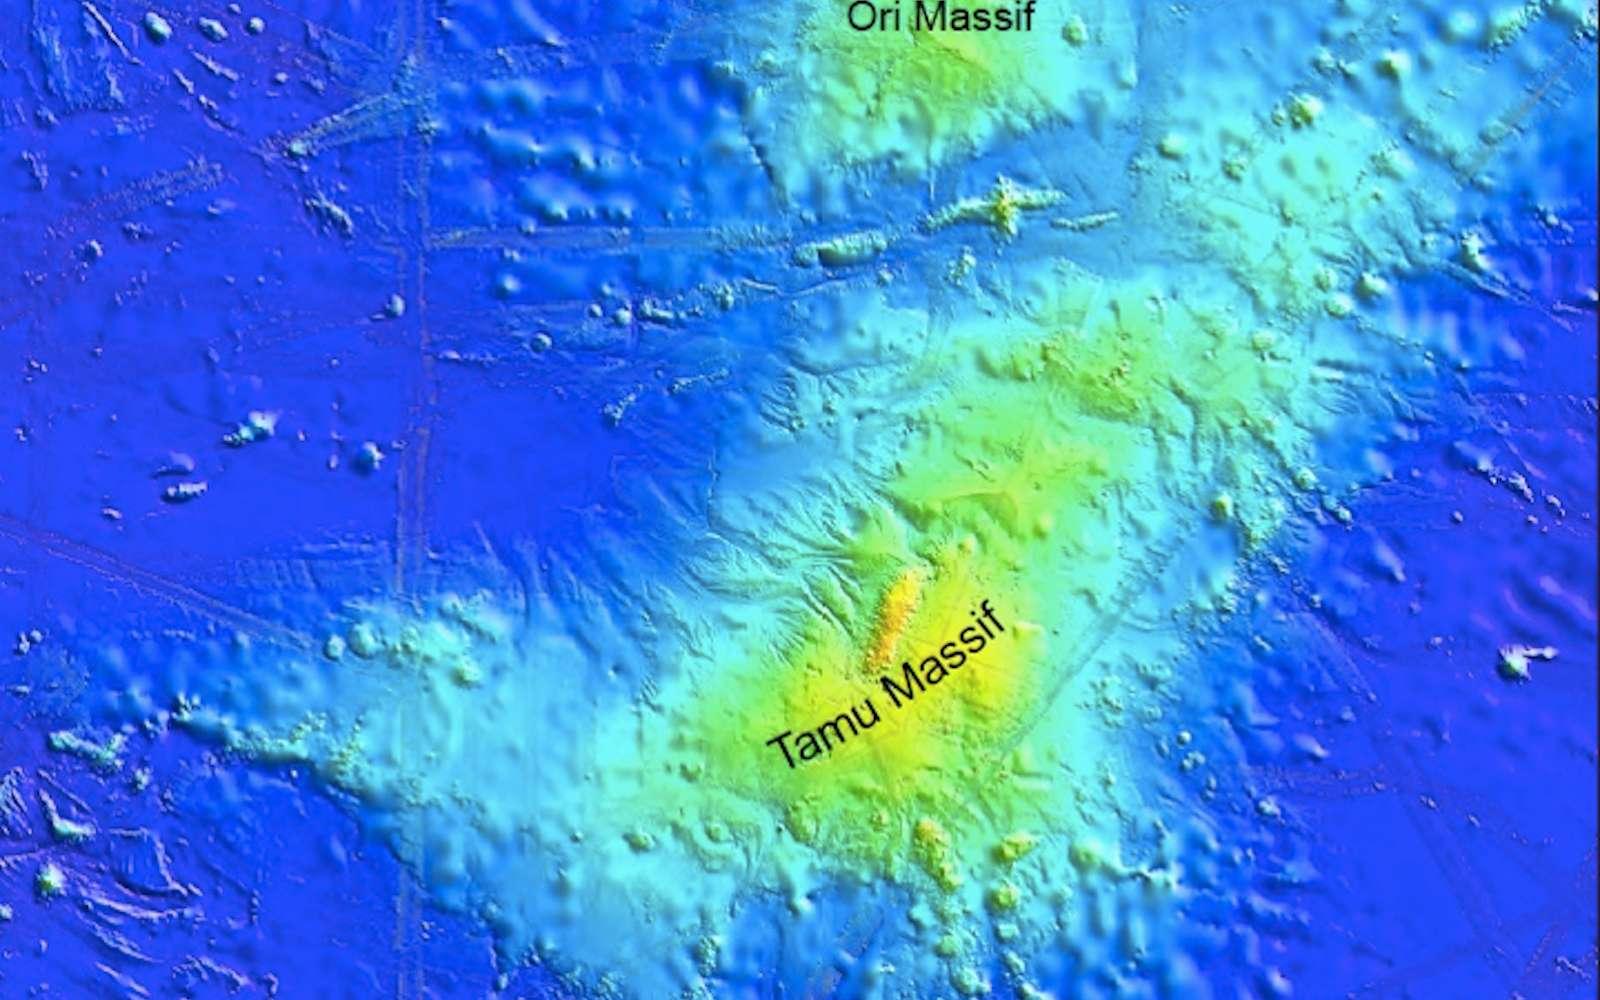 Le massif Tamu, une énorme chaîne de montagnes sous-marine, a perdu son titre de plus grand volcan du monde au profit du Mauna Loa à Hawaï. © Université de Houston